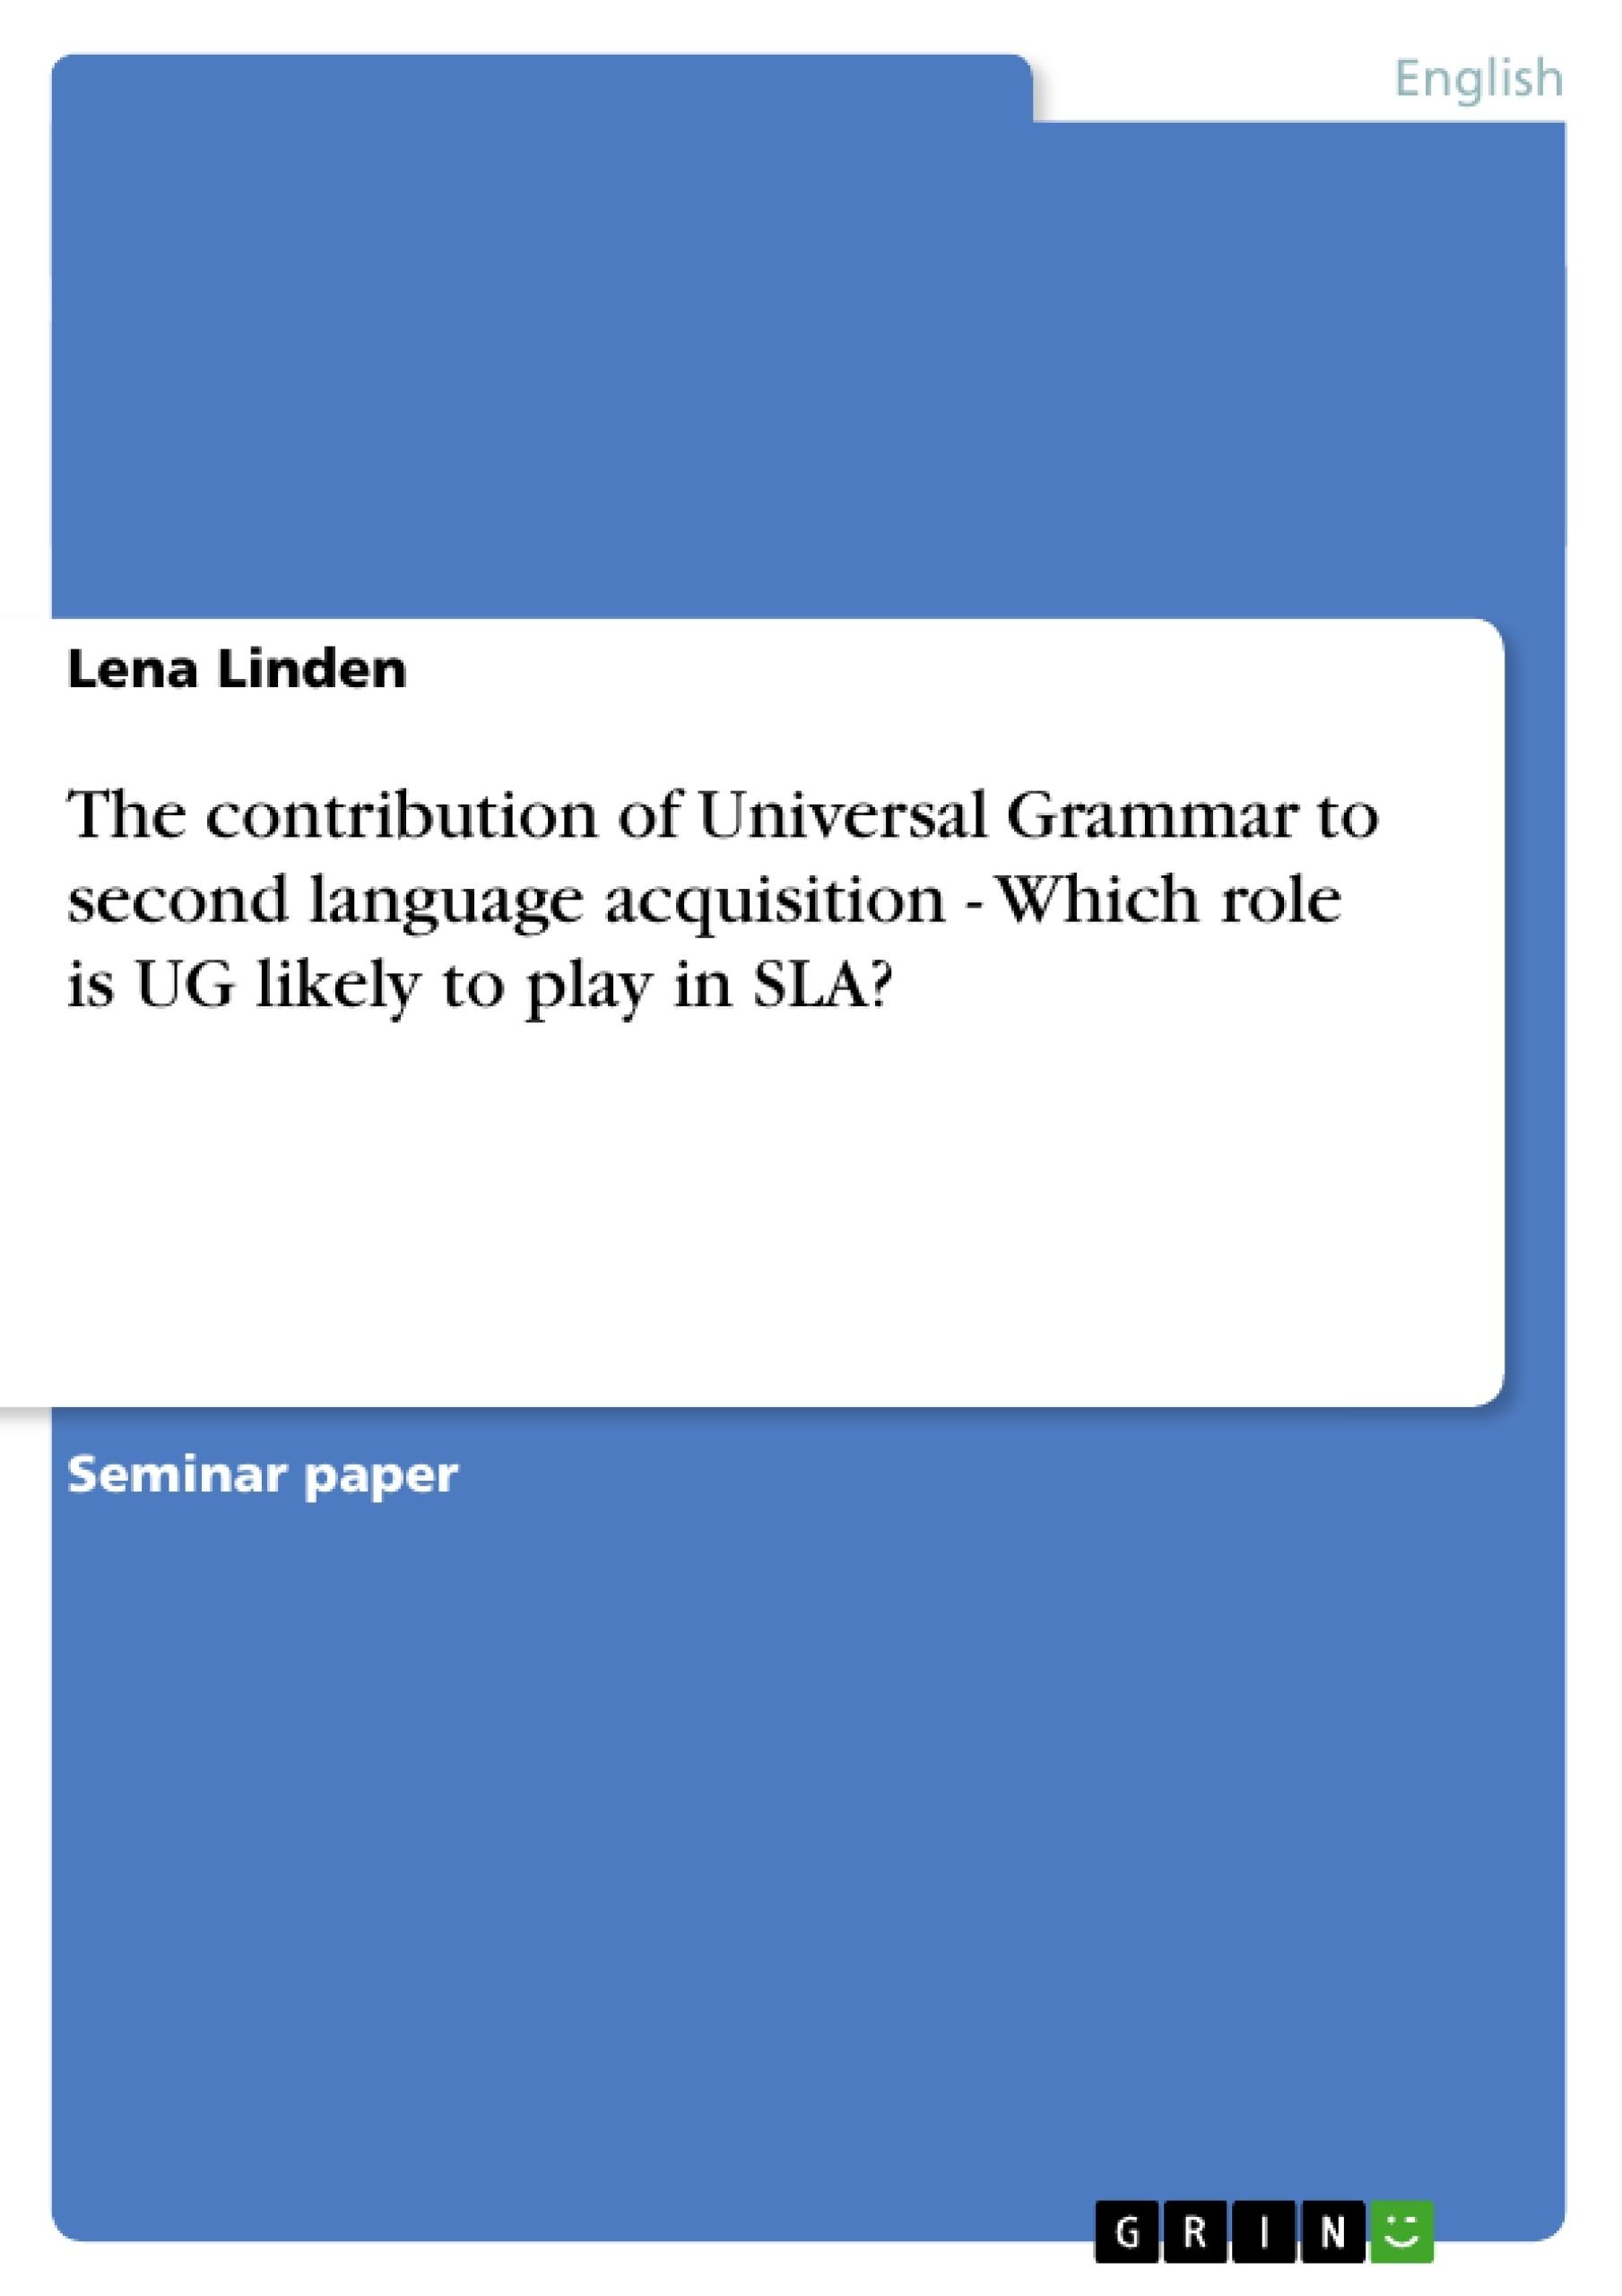 thesis second language acquisition